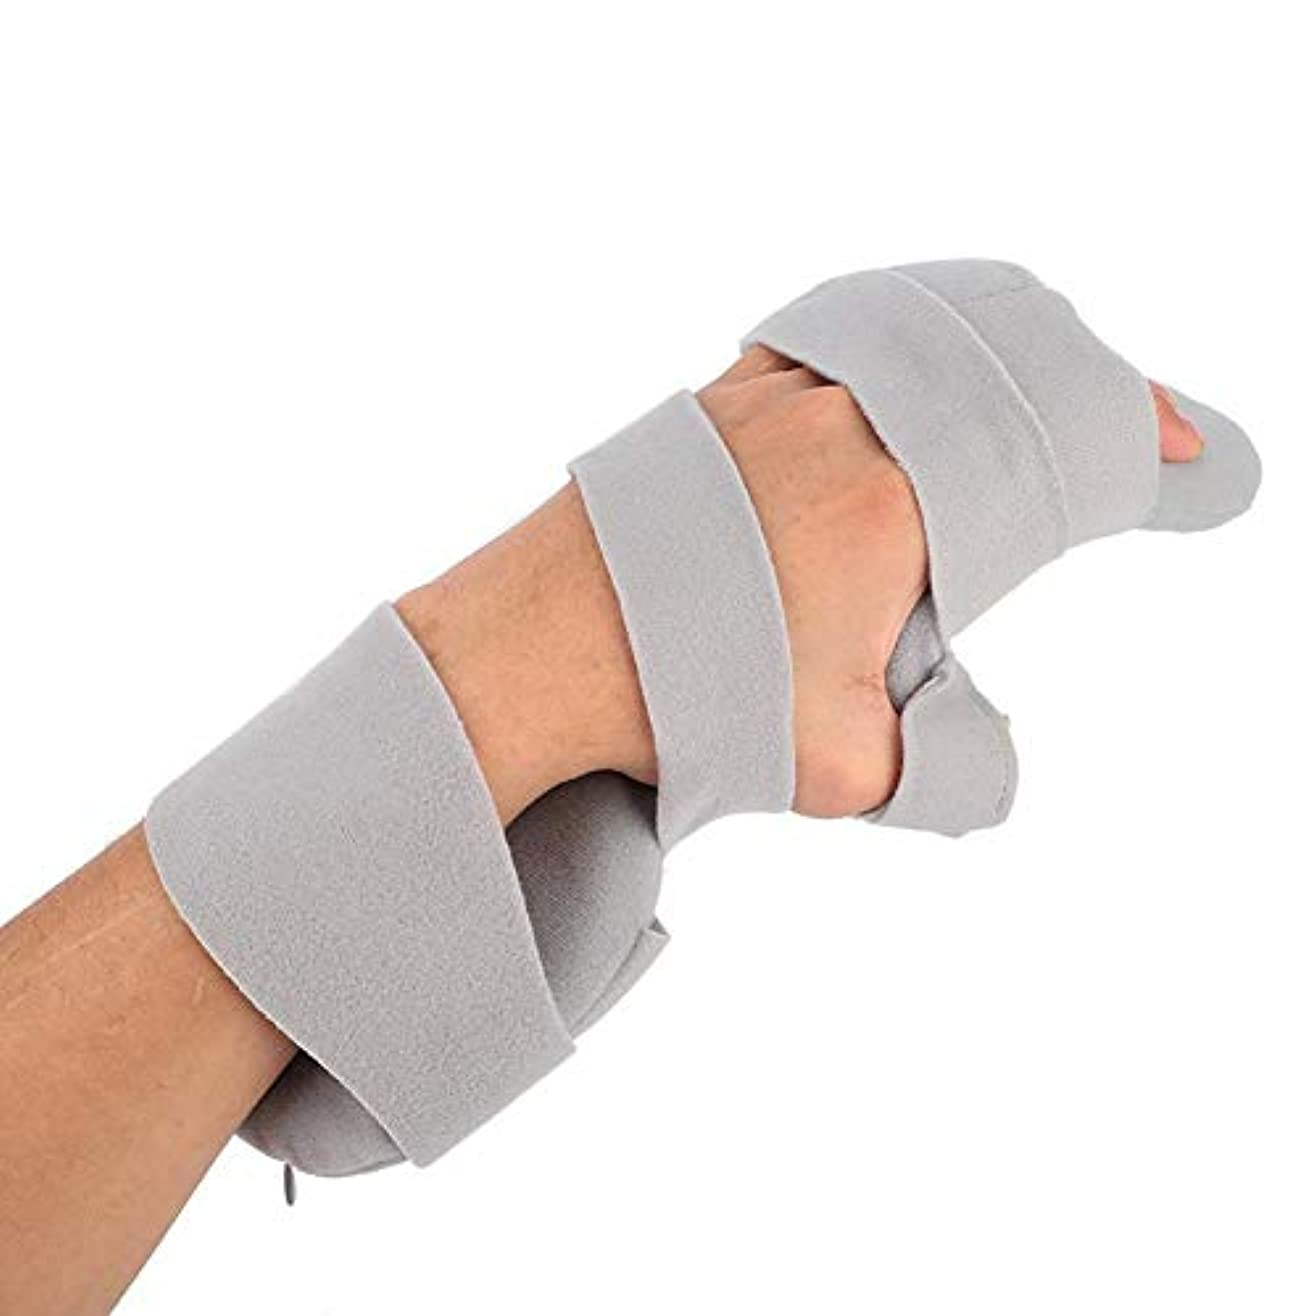 手指関節手根管手首のトンネル手首支え、指の骨折、骨折した骨折、骨折、骨折、脱臼、捻挫、ひずみ傷回復(Right)